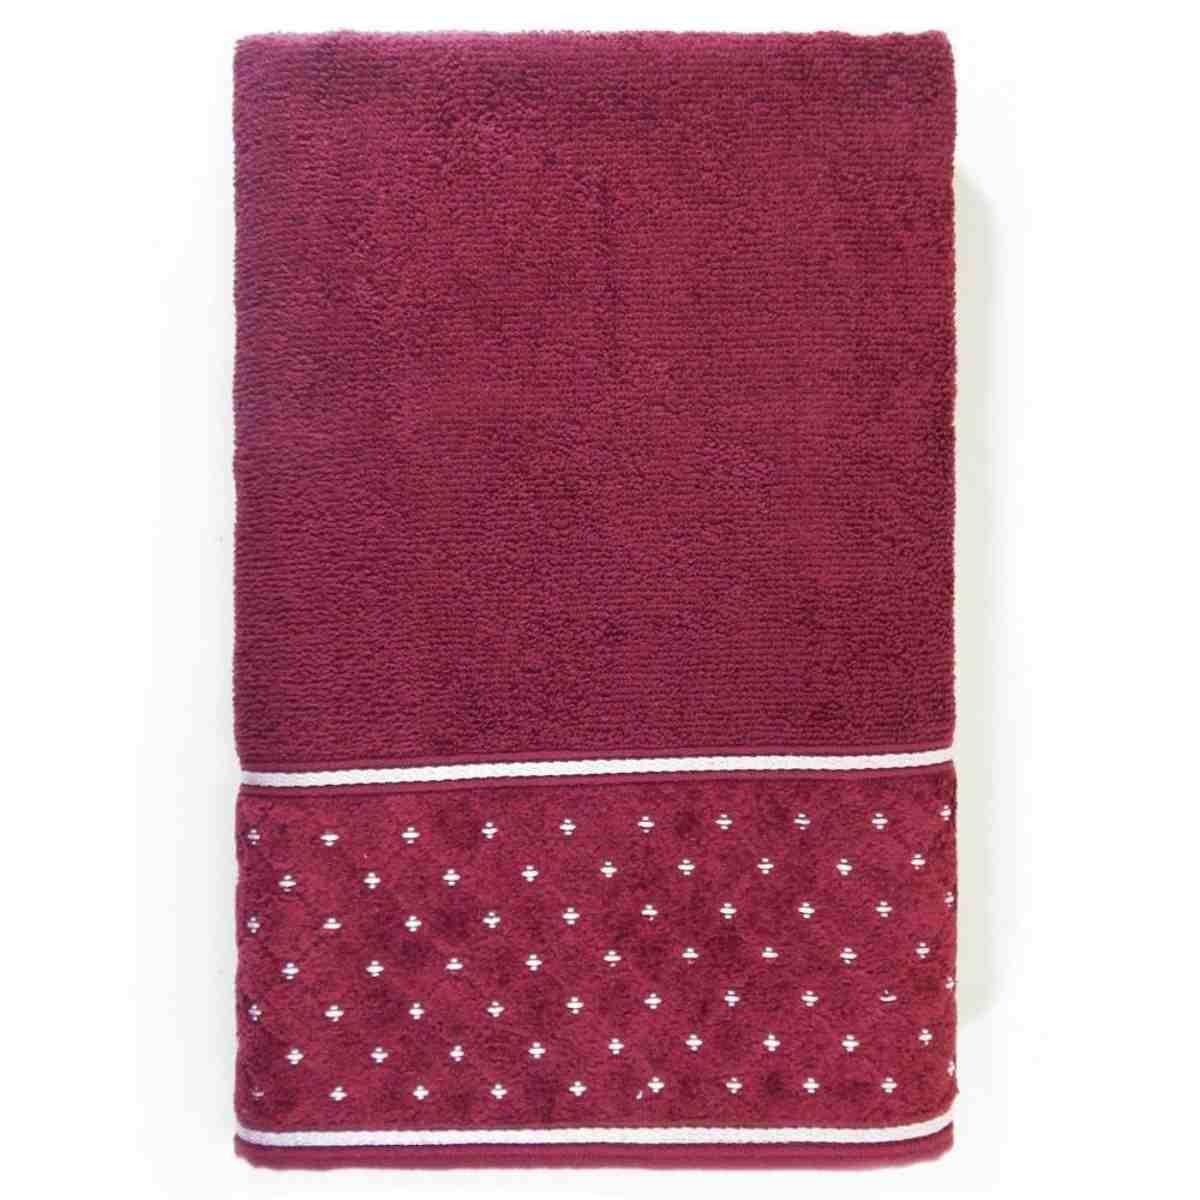 Toalha banho safira 68x140 Bordo Real